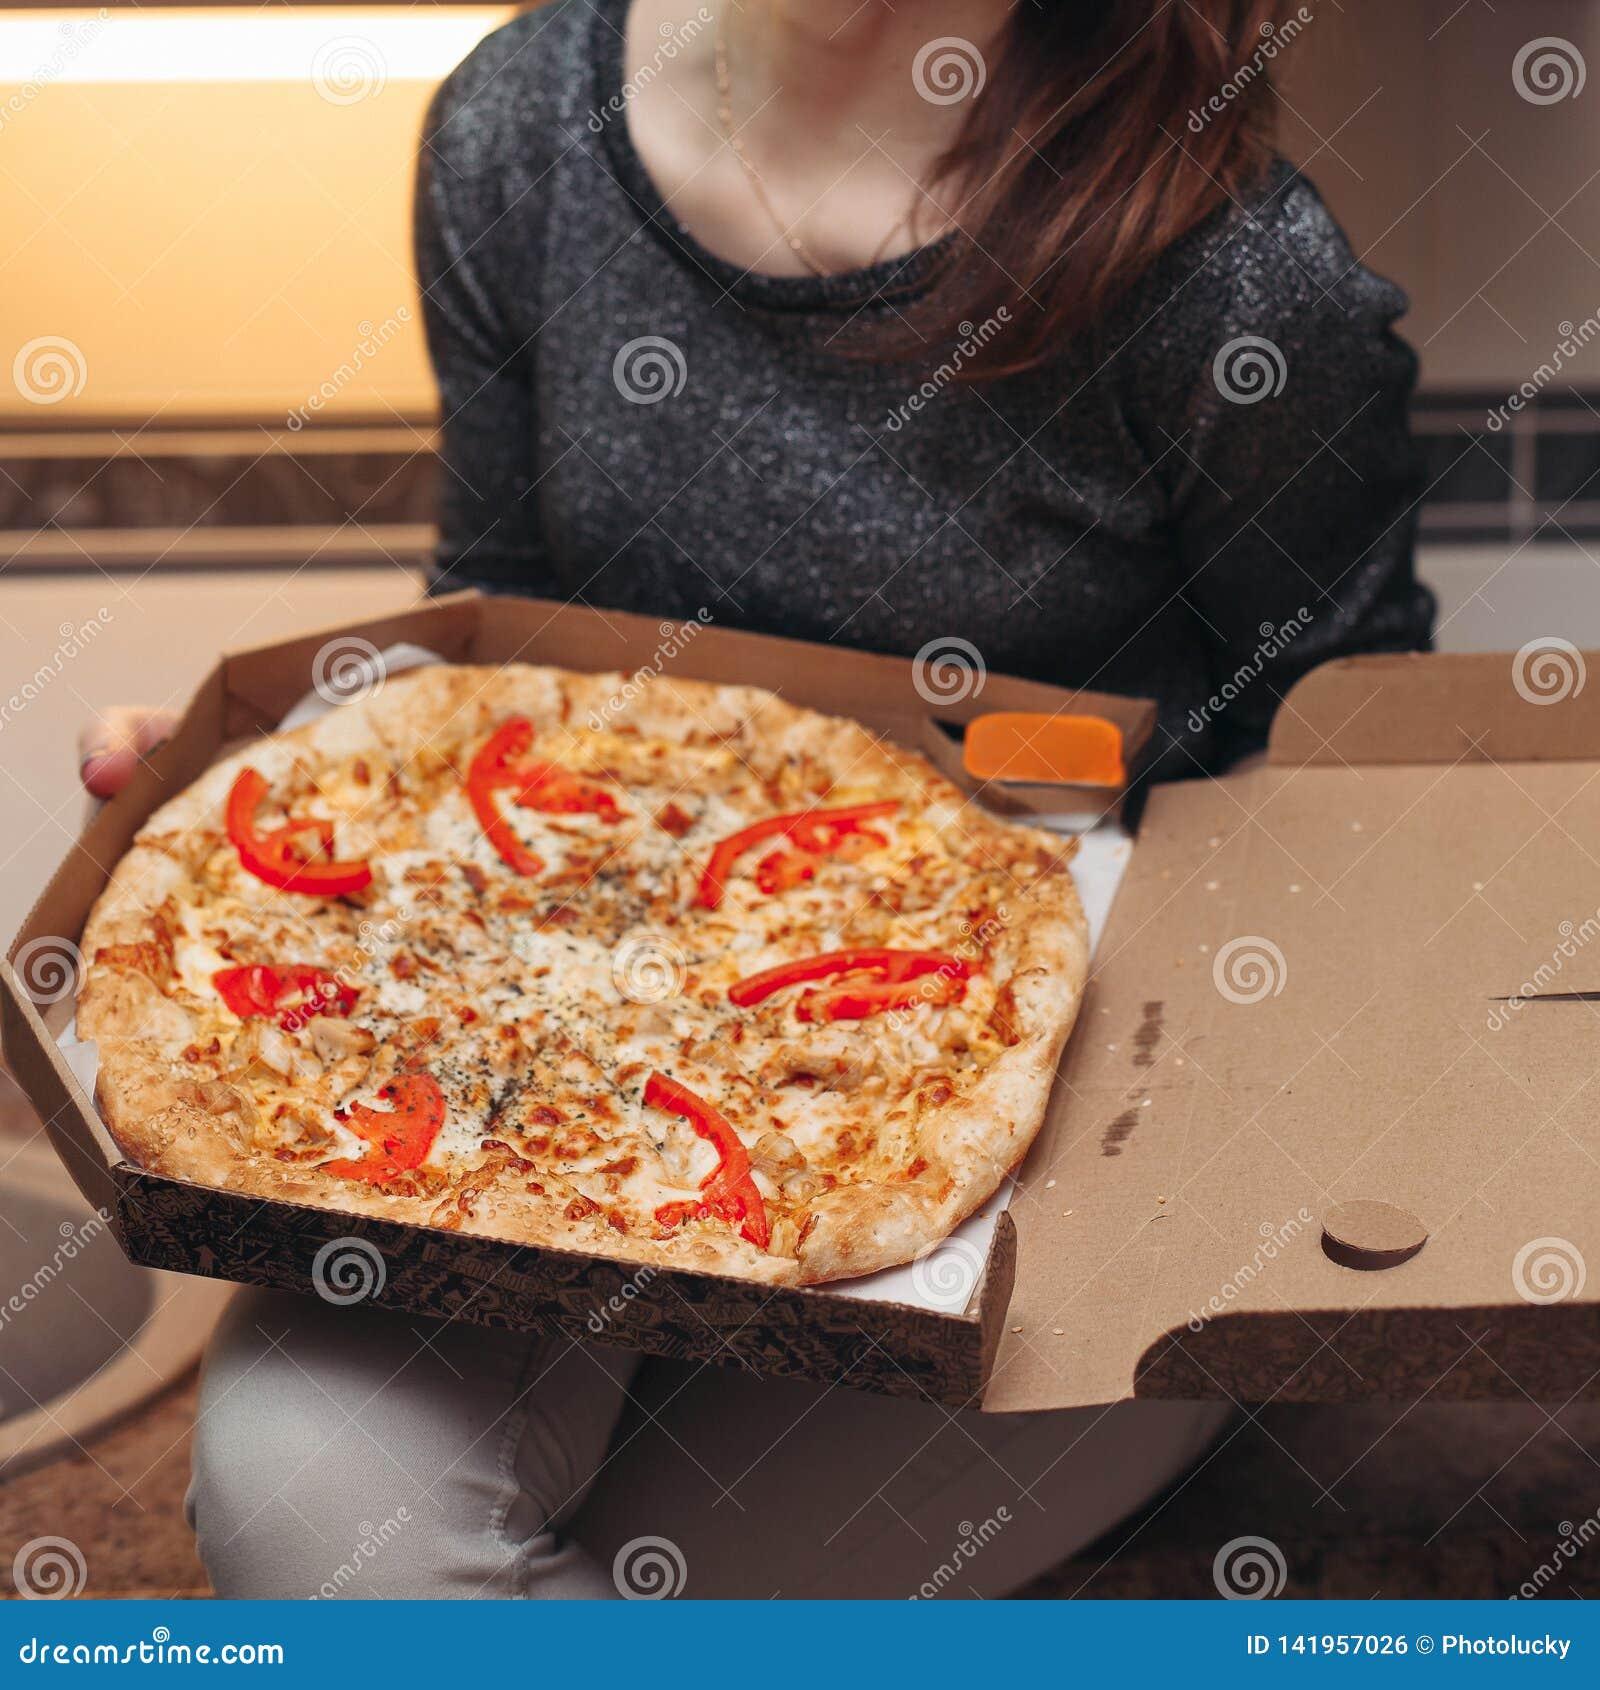 Раскрытая коробка с вкусной округленной итальянской пиццей